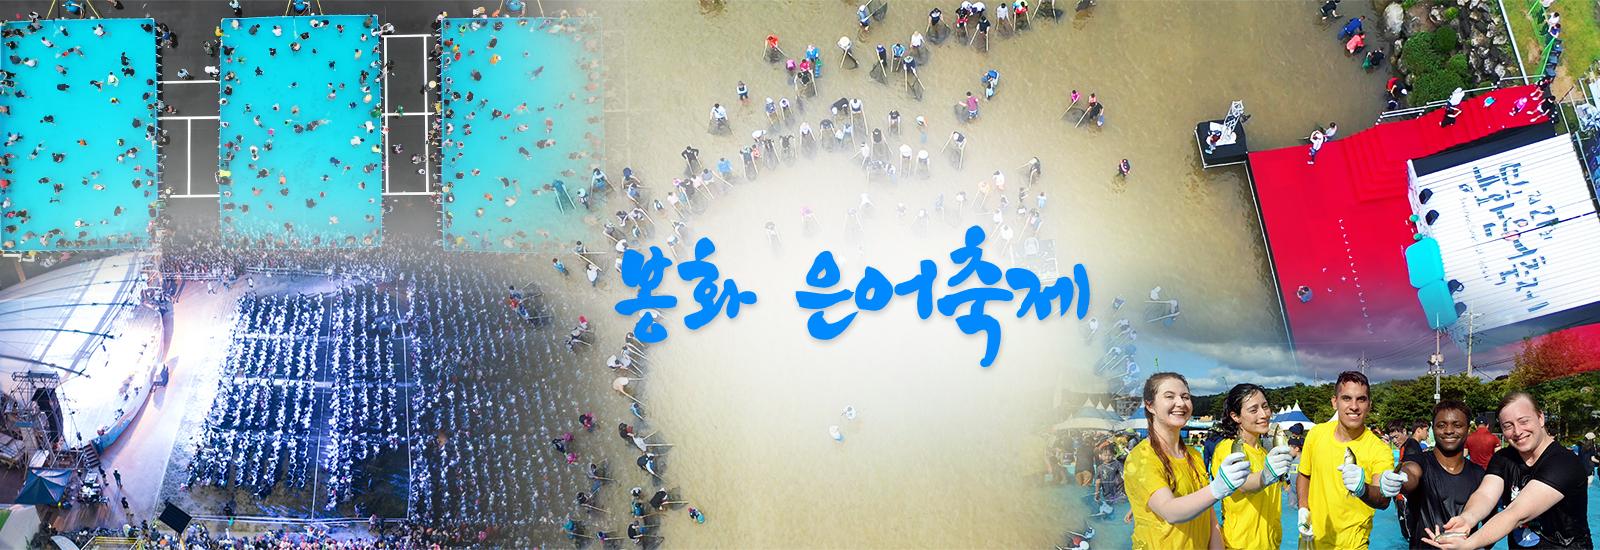 봉화은어축제 2020.08.01(토)~2020.08.09(일)